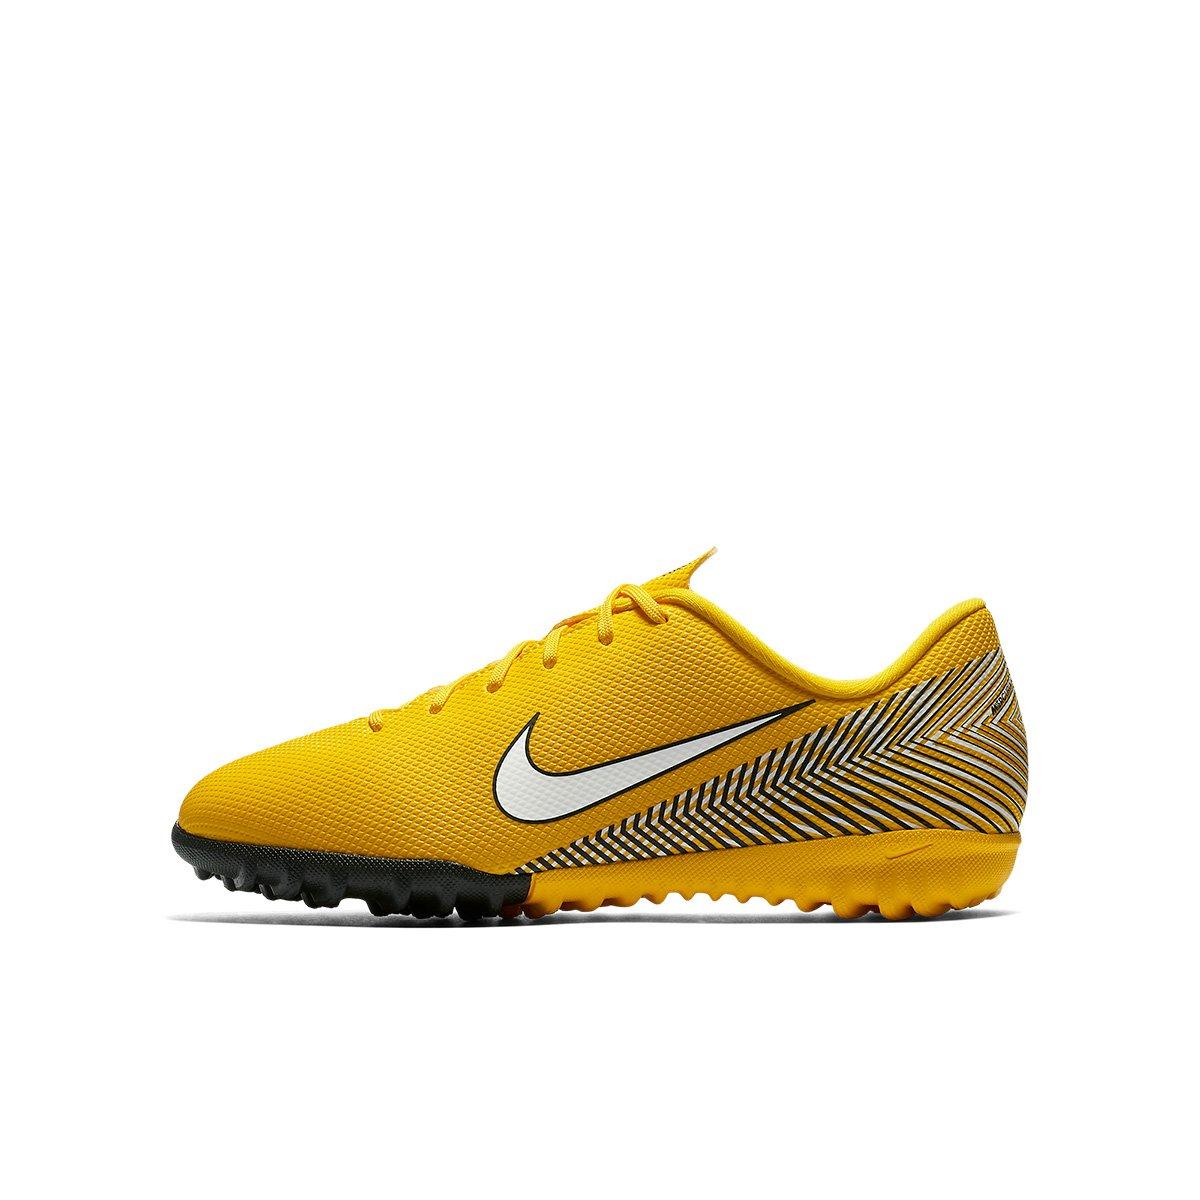 683b78e77c818 Chuteira Society Infantil Nike Mercurial Vapor 12 Academy GS Neymar TF -  Amarelo e Preto | Shop Timão